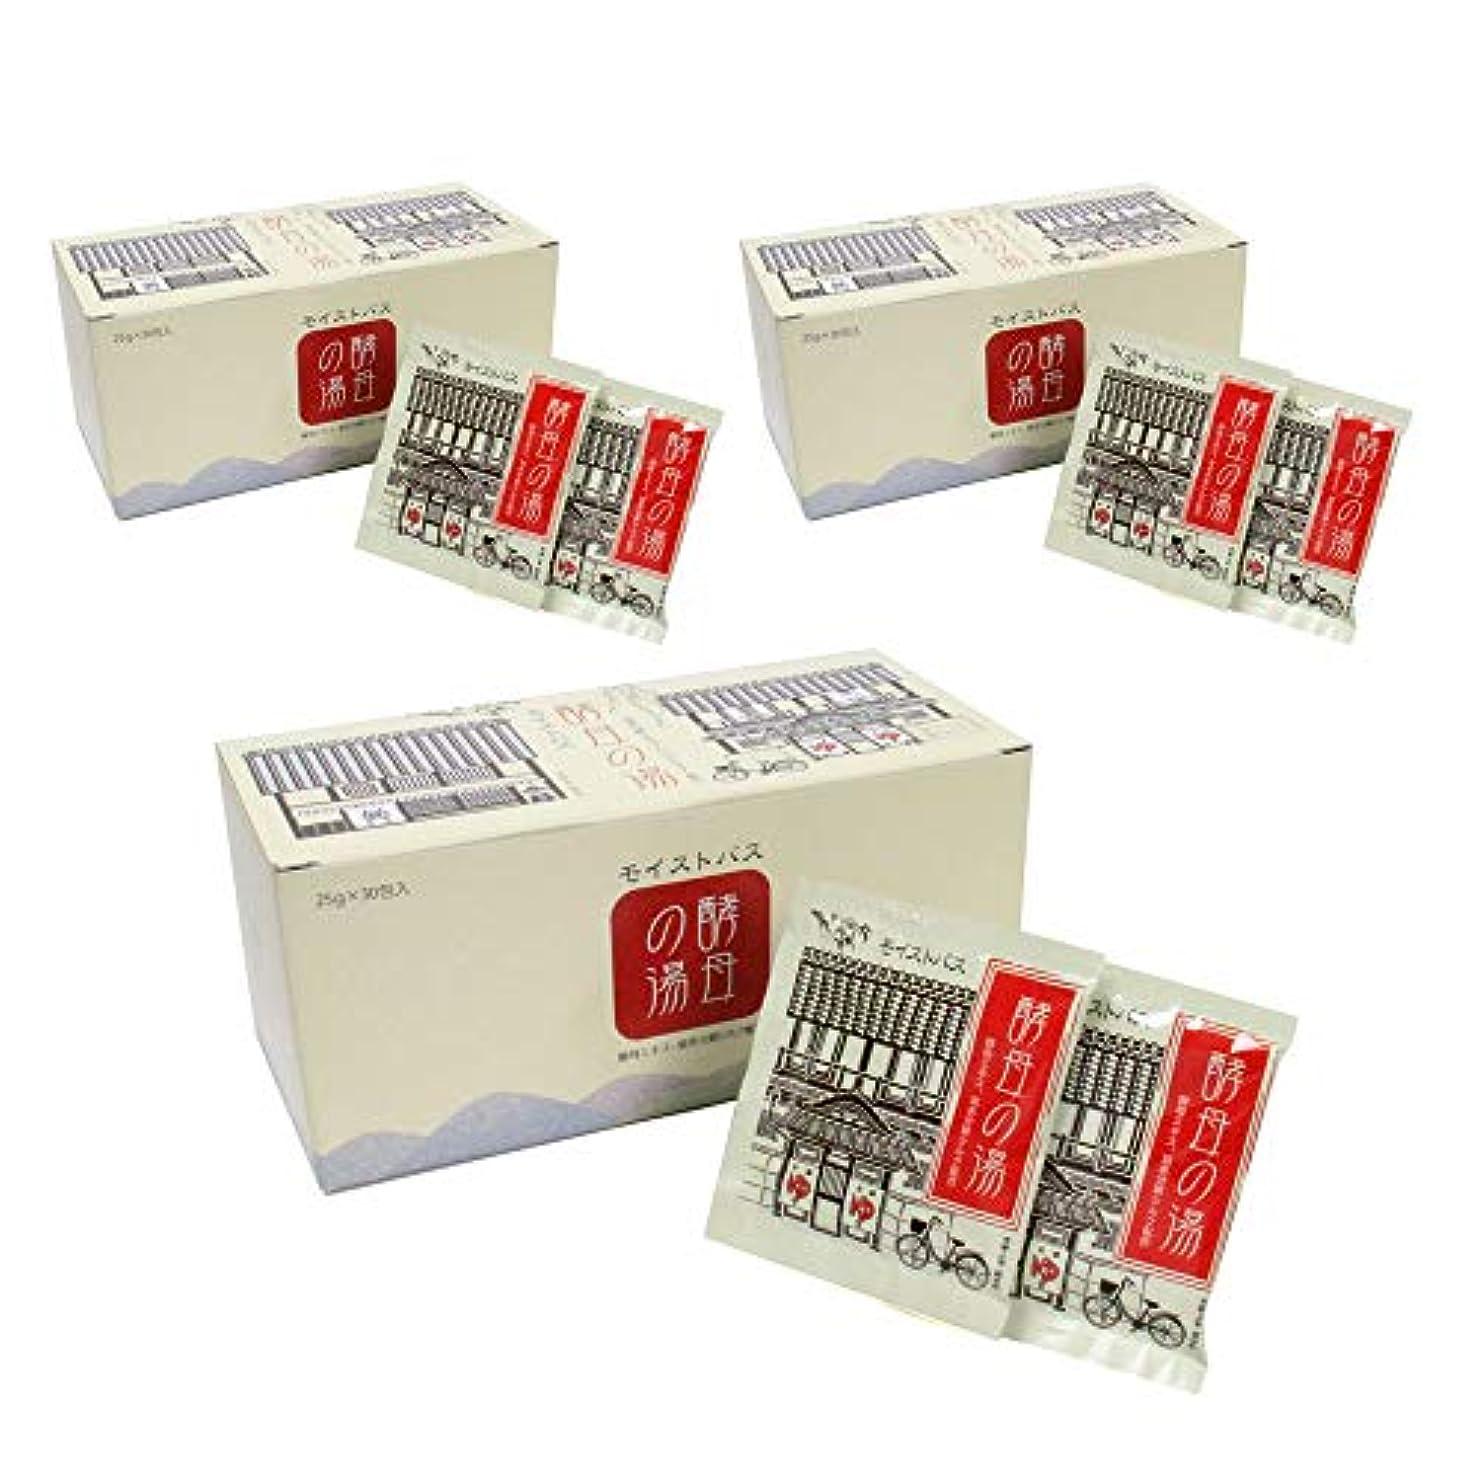 危機検査官セミナーアミノン モイストバス 酵母の湯 25g×30包 (3箱セット)